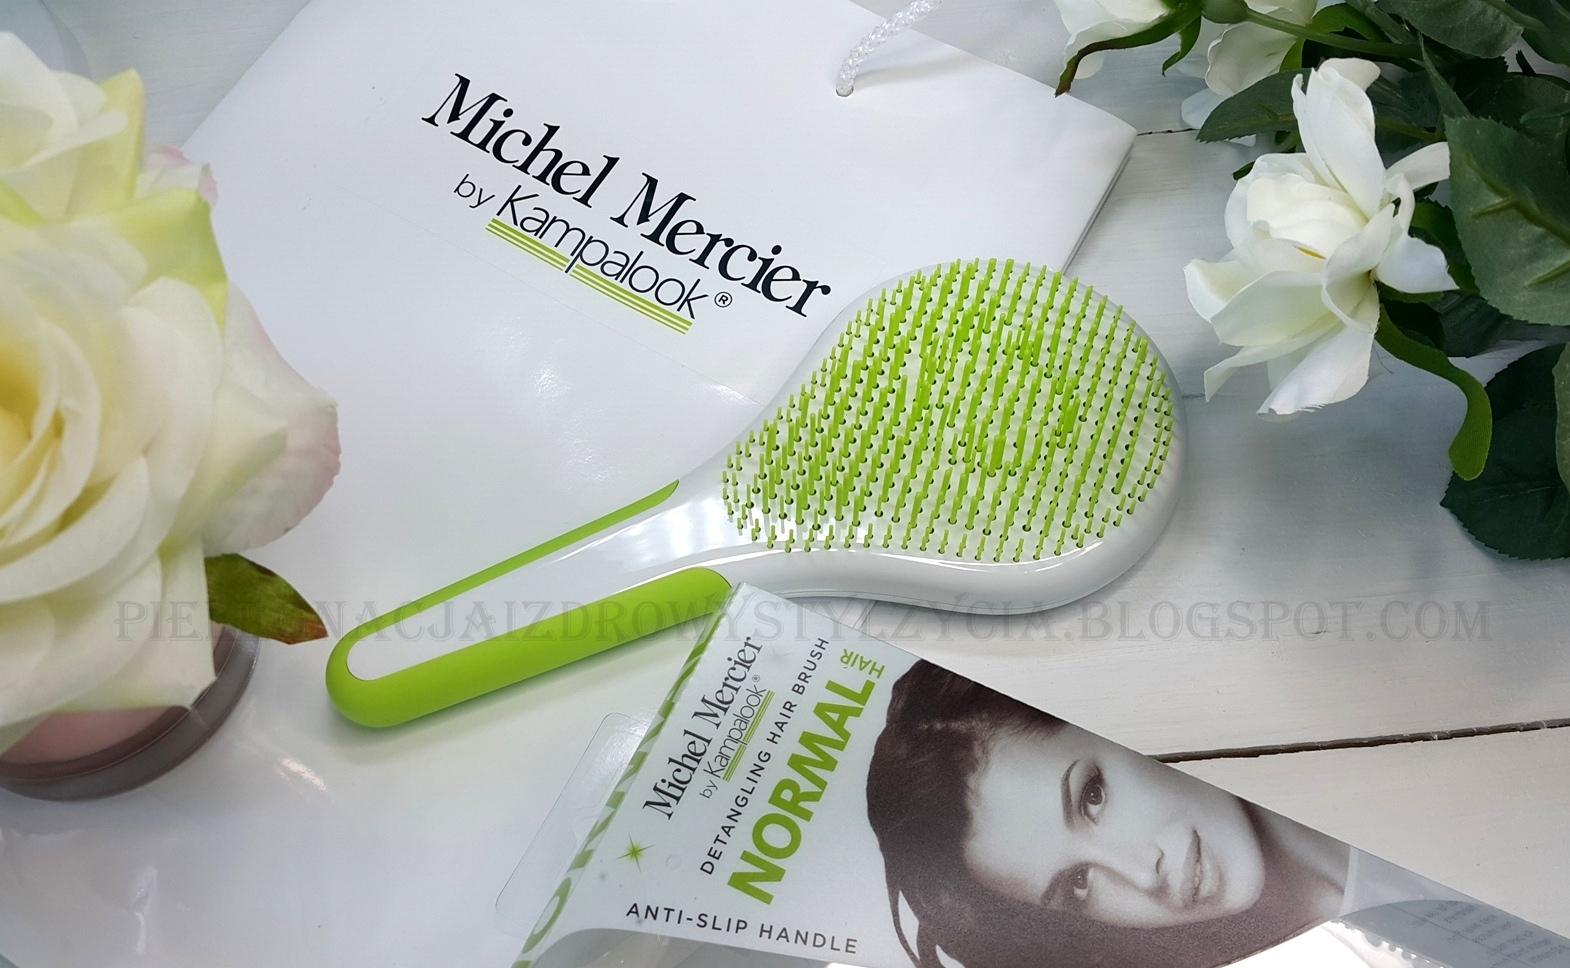 Upominki See Bloggers - szczotka do włosów normalnych Michel Mercier